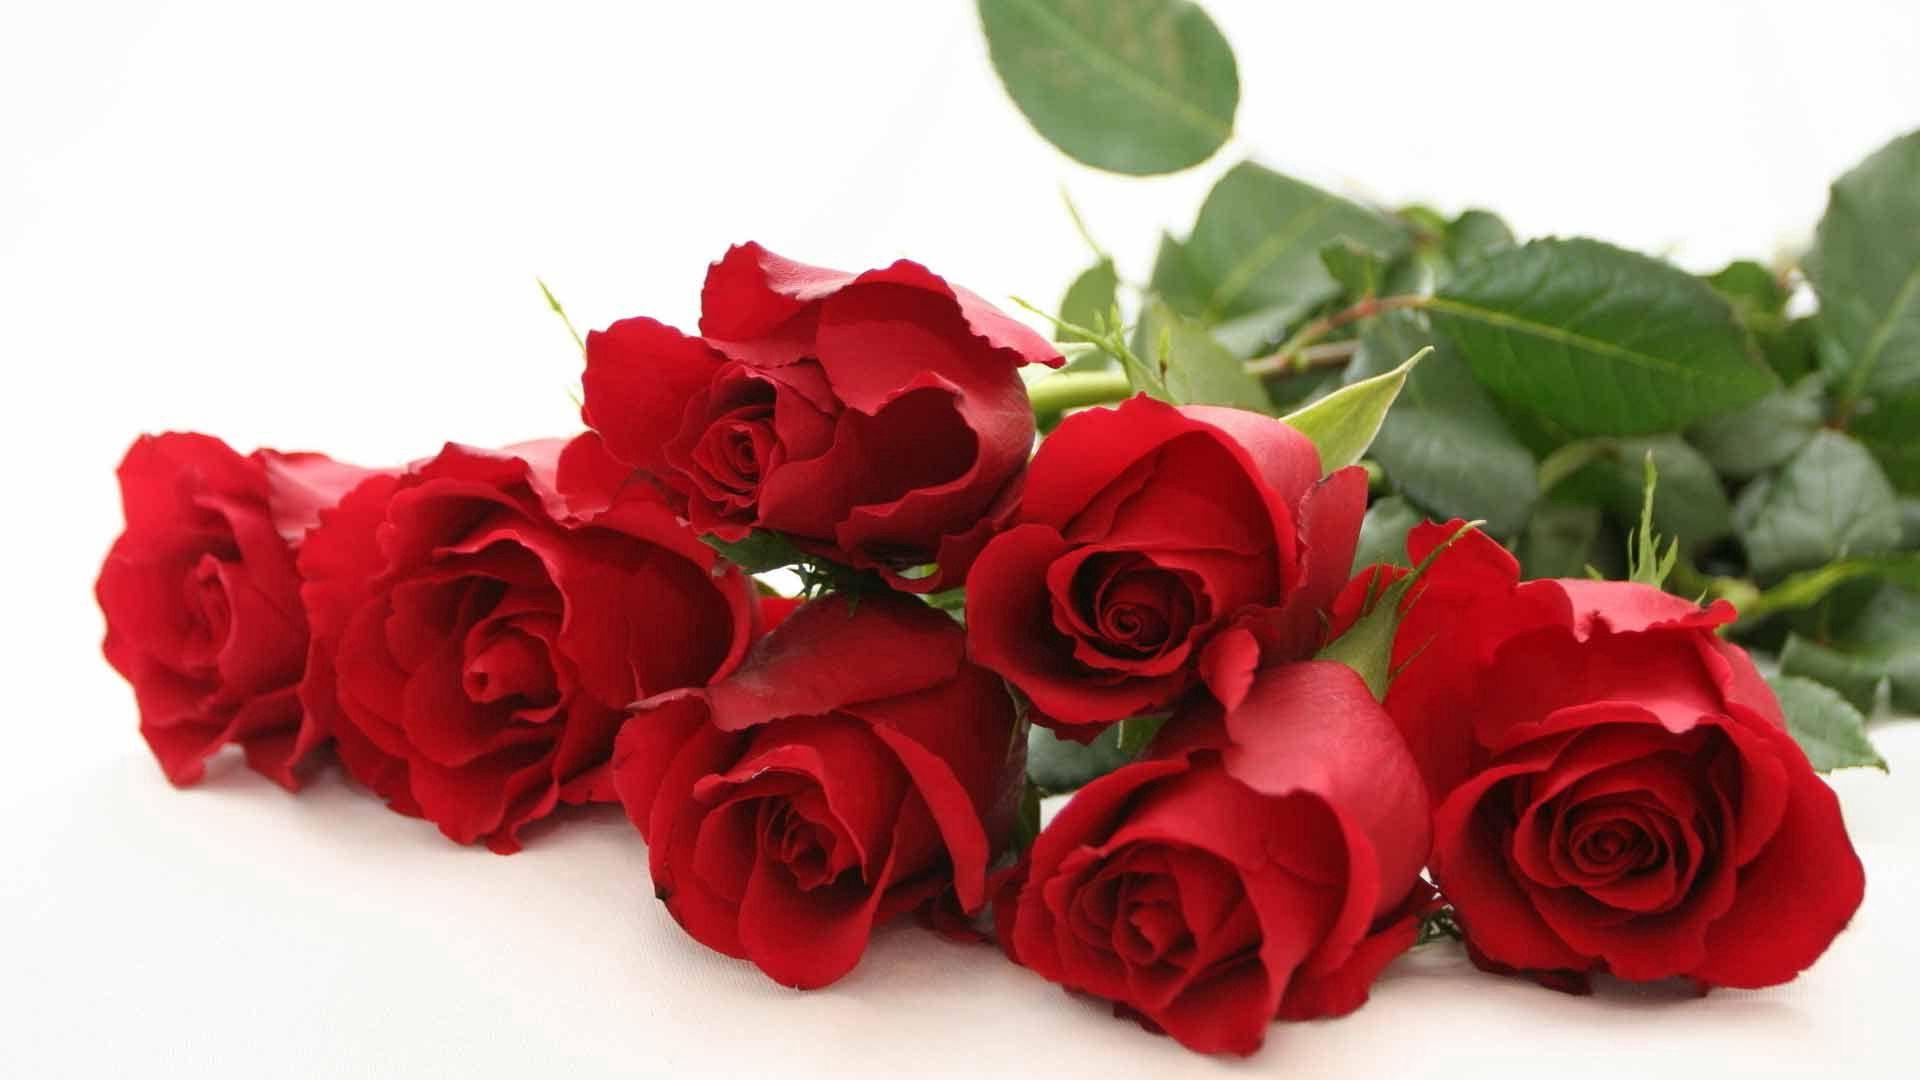 96667 Заставки и Обои Розы на телефон. Скачать Цветы, Розы, Листья, Бутоны, Алые картинки бесплатно